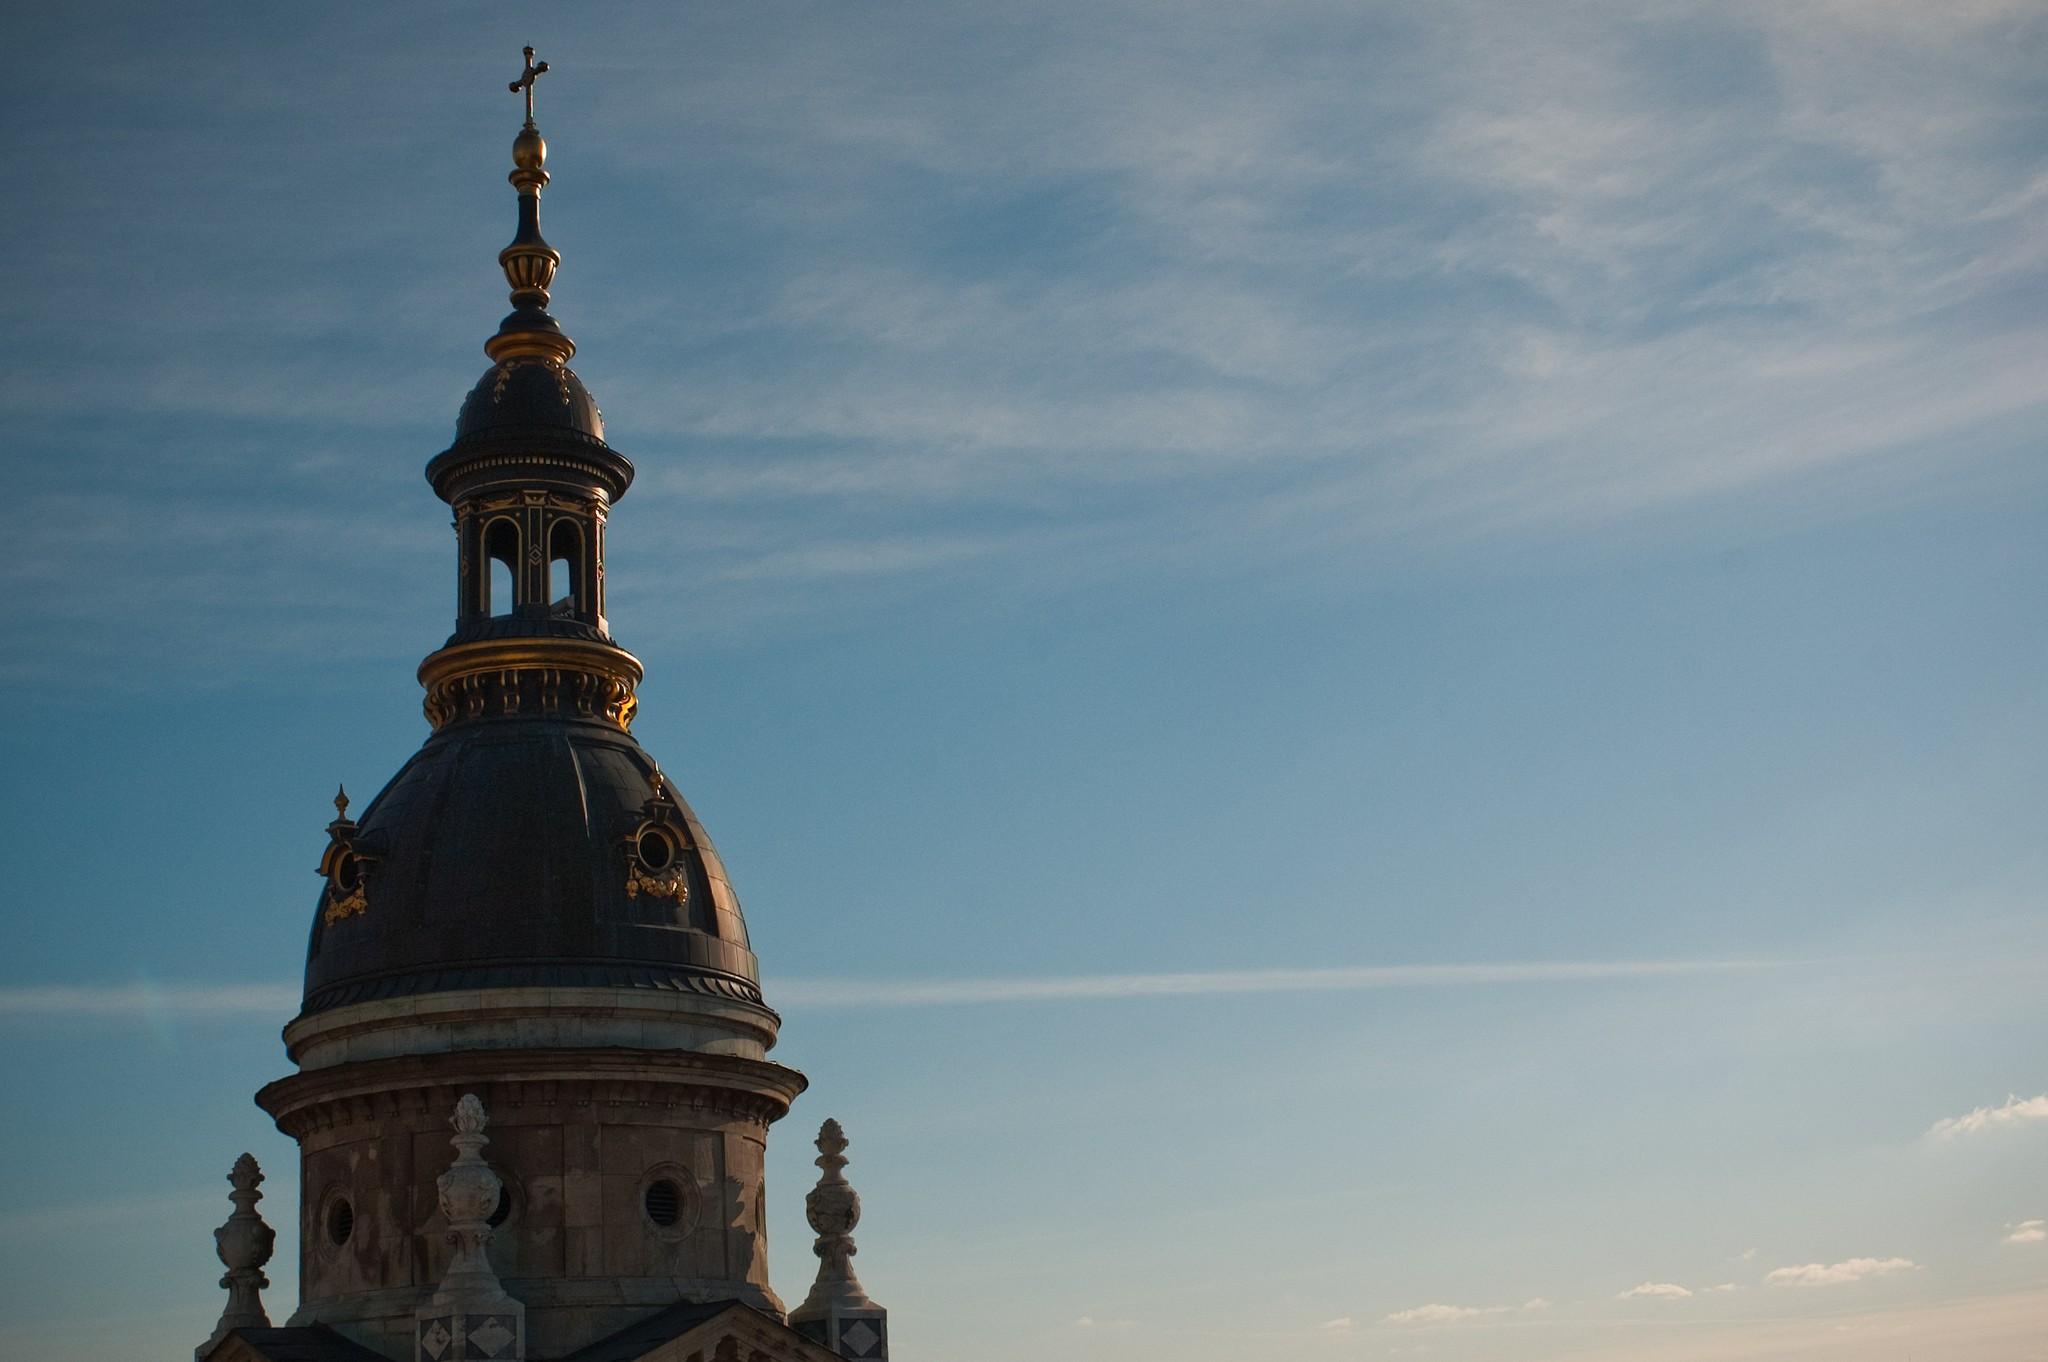 Szent István Bazilika, Budapest, April 2012